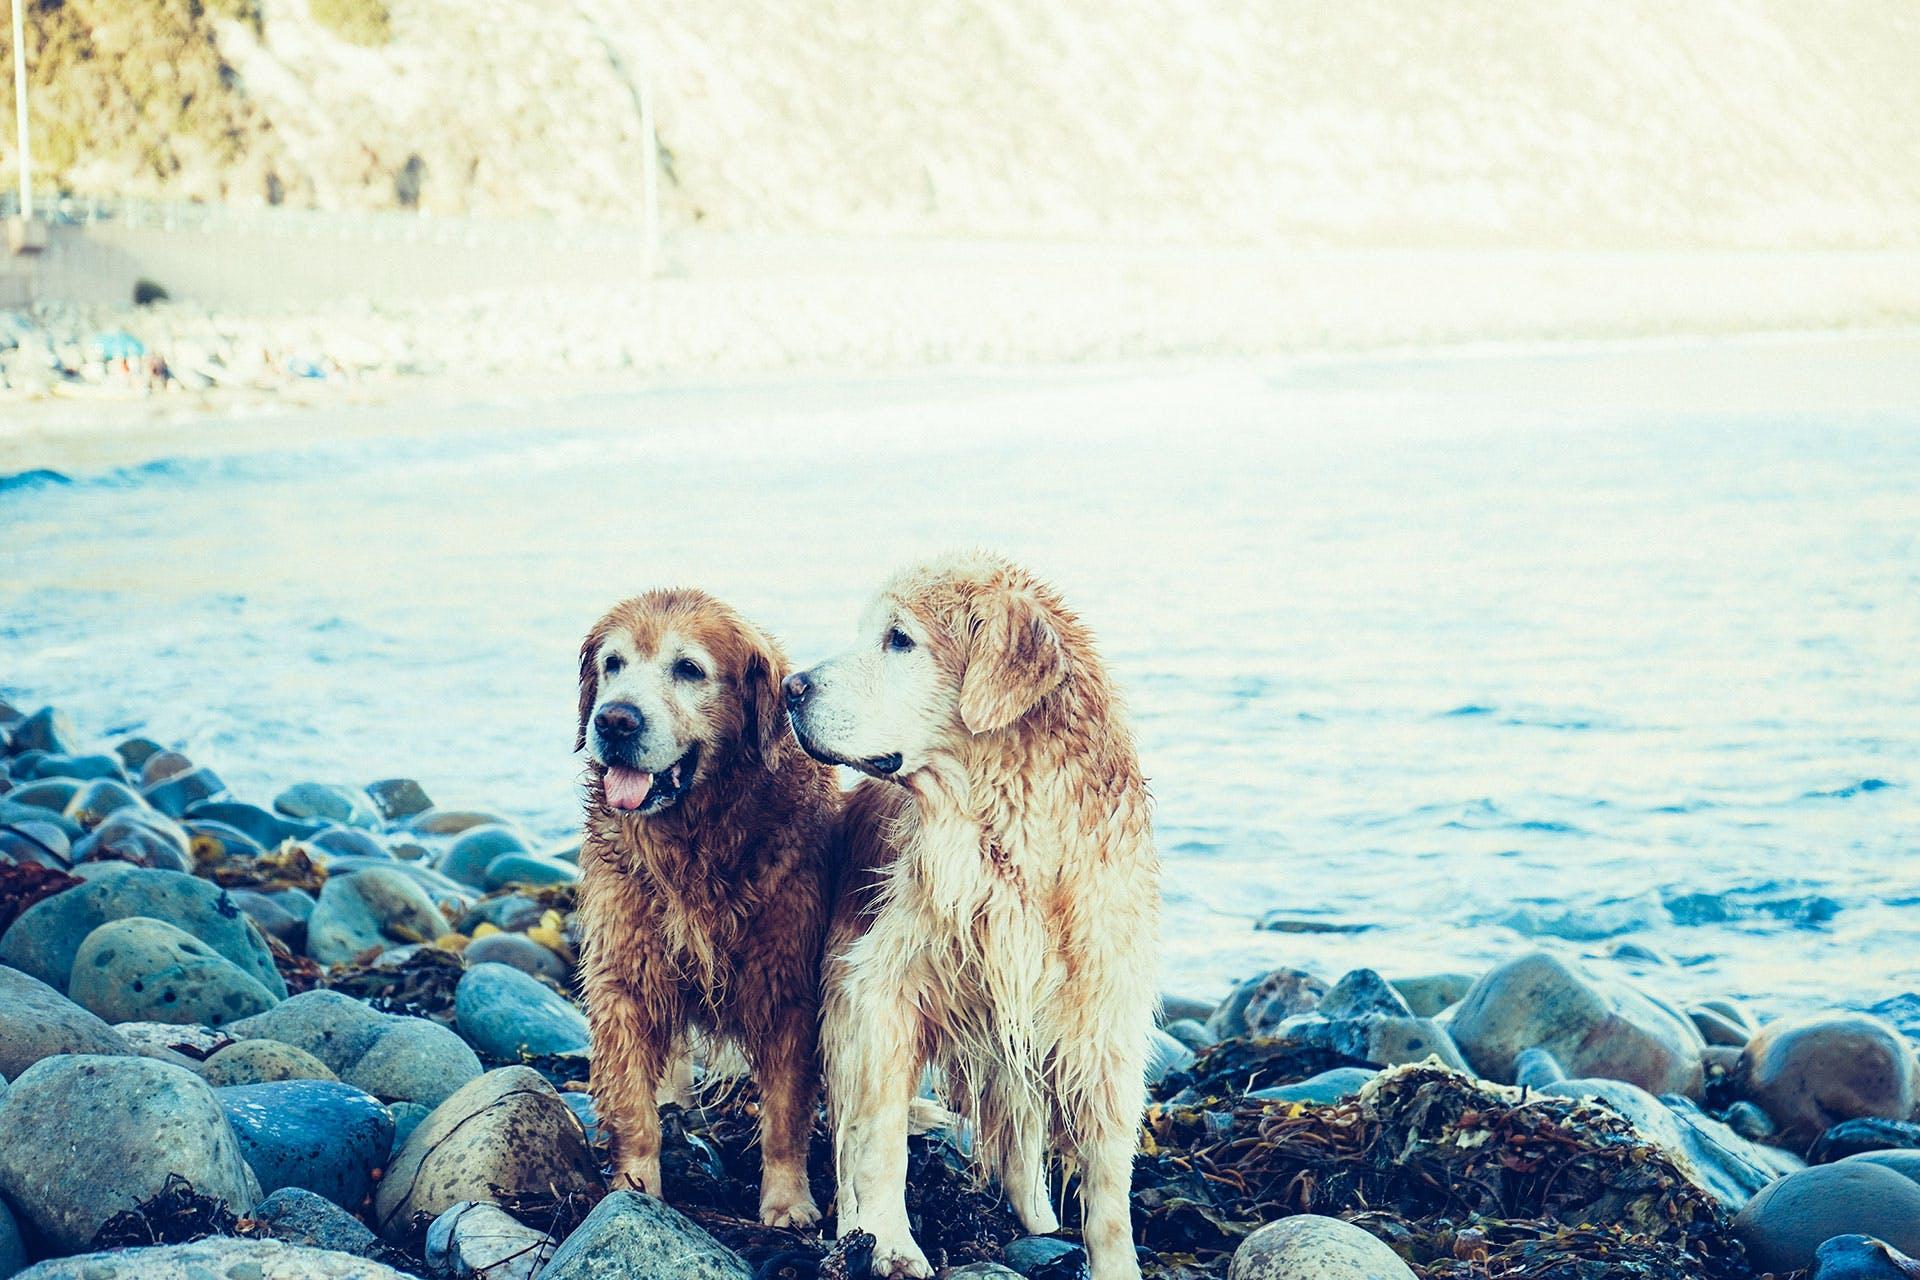 Kostenloses Stock Foto zu haustiere, hunde, nass, tiere